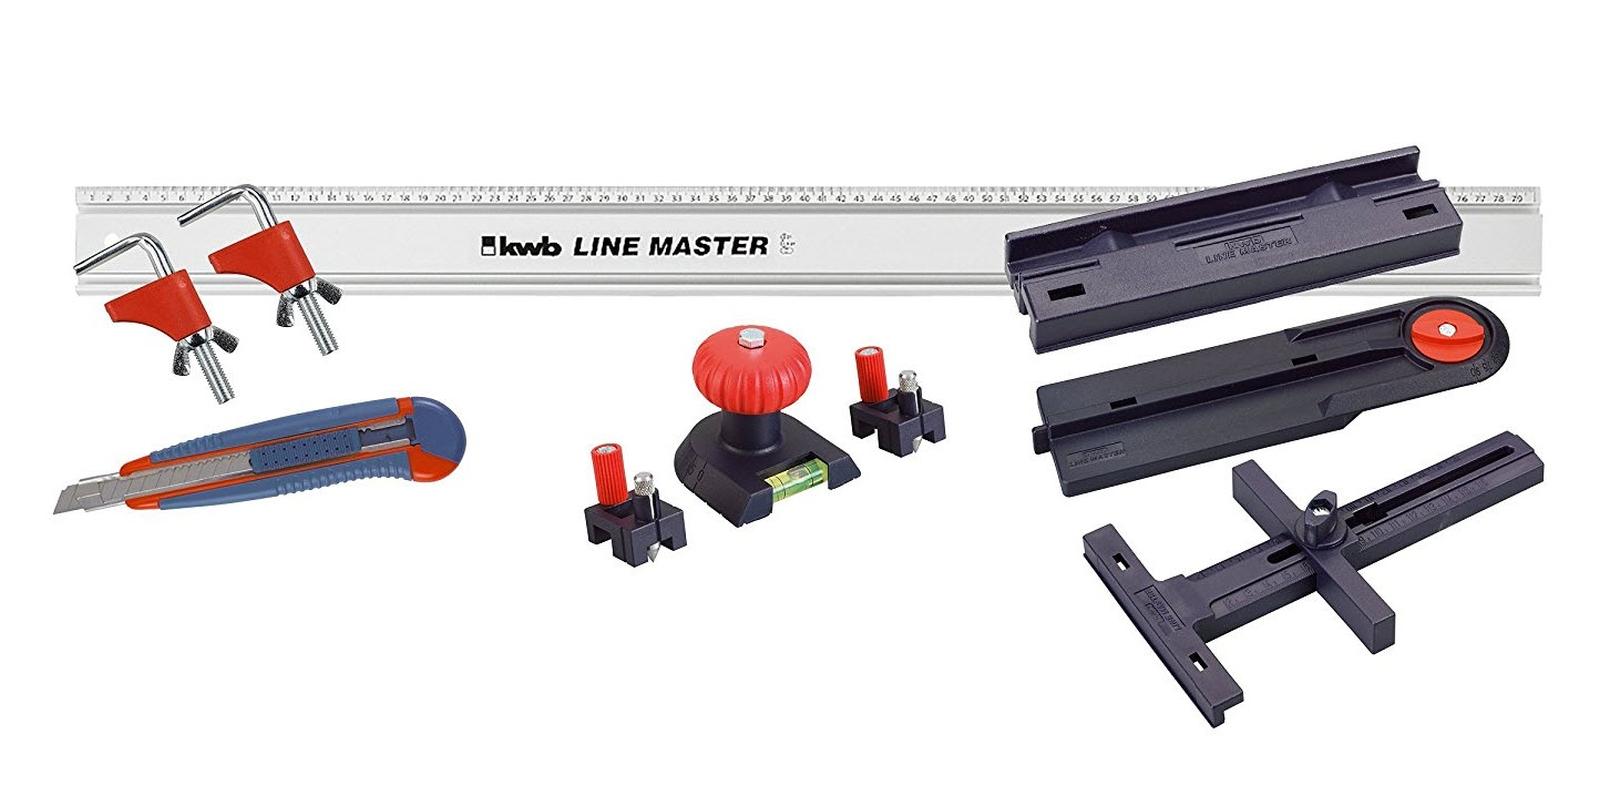 10 tlg line master set alu lineal s genf hrung kwb 783908. Black Bedroom Furniture Sets. Home Design Ideas